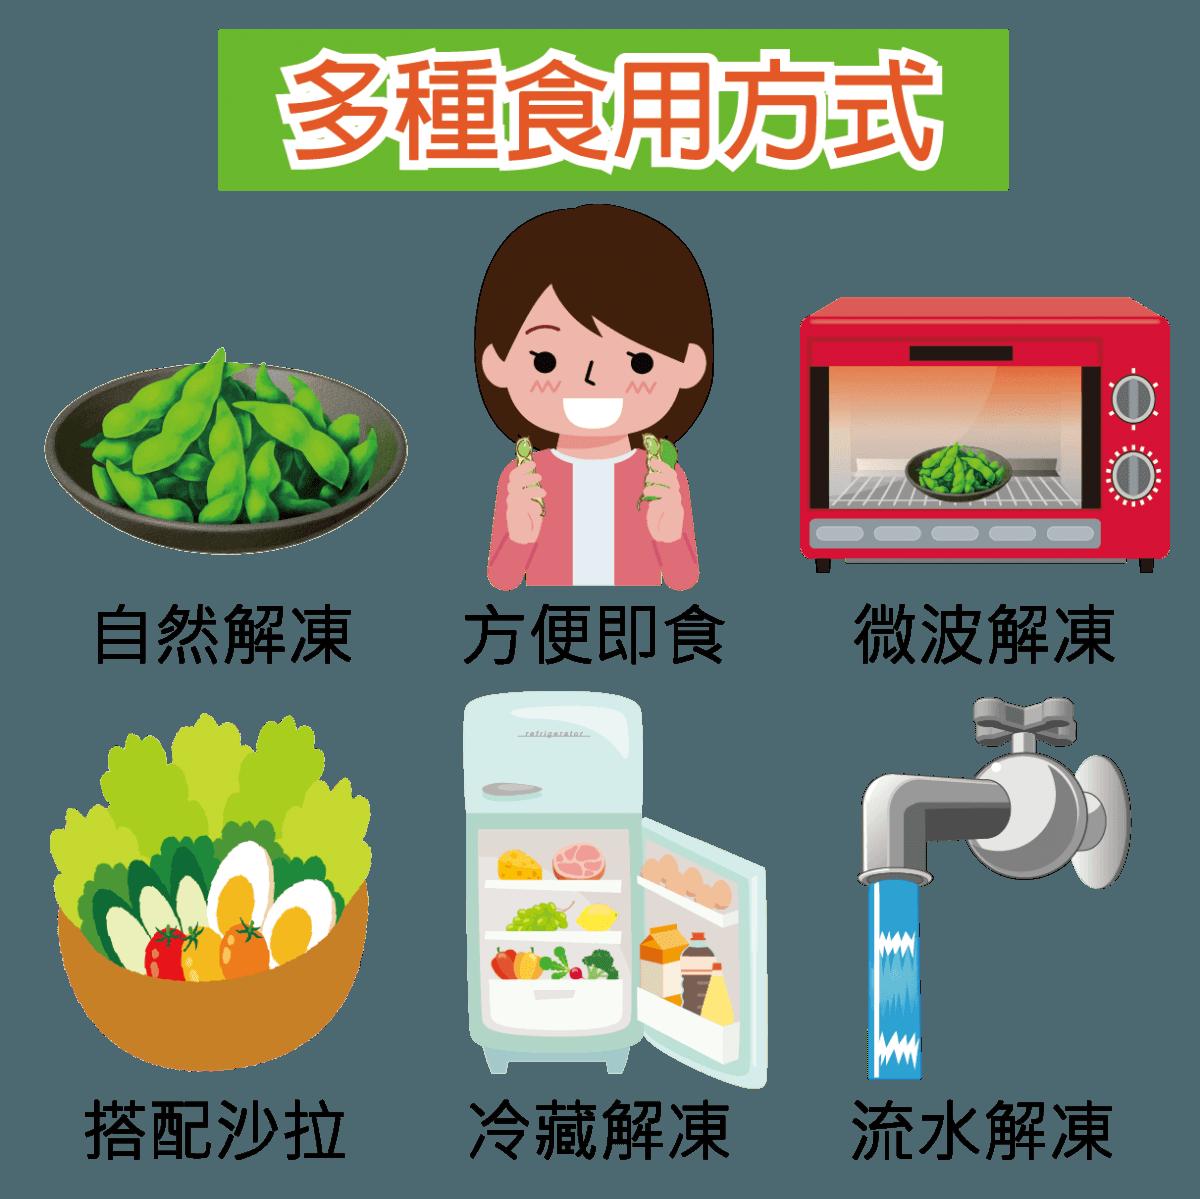 【田食原】新鮮冷凍毛豆仁 300g 養生即食 健康減醣 低碳飲食 健身餐  卵磷脂  冷凍蔬菜 5